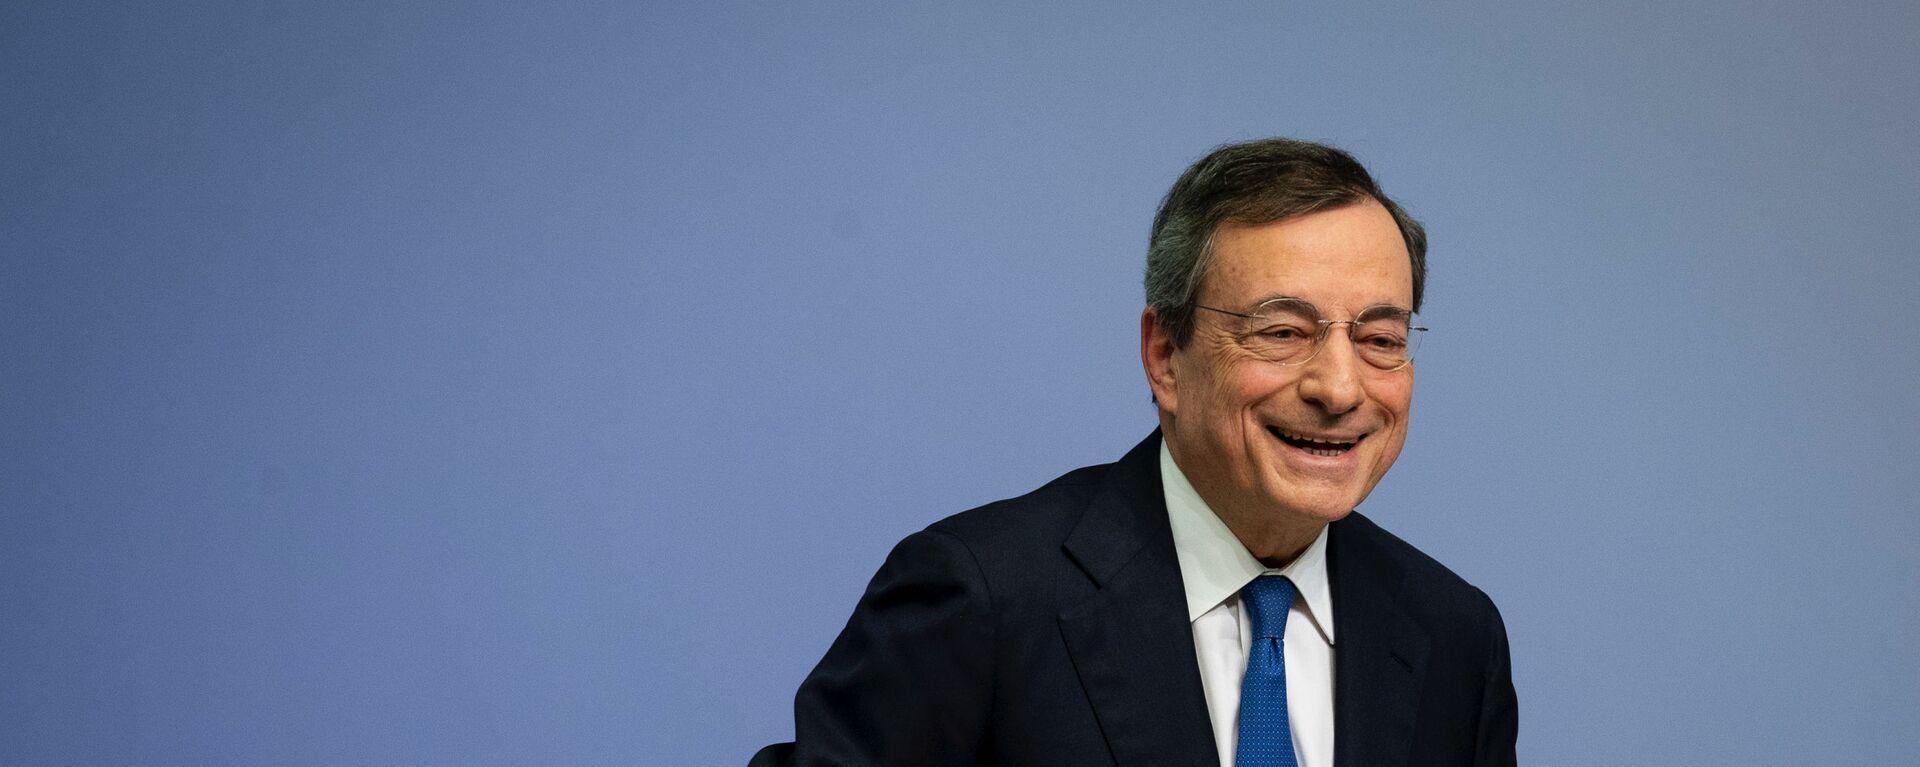 Mario Draghi dopo una conferenza stampa a Francoforte - Sputnik Italia, 1920, 08.02.2021